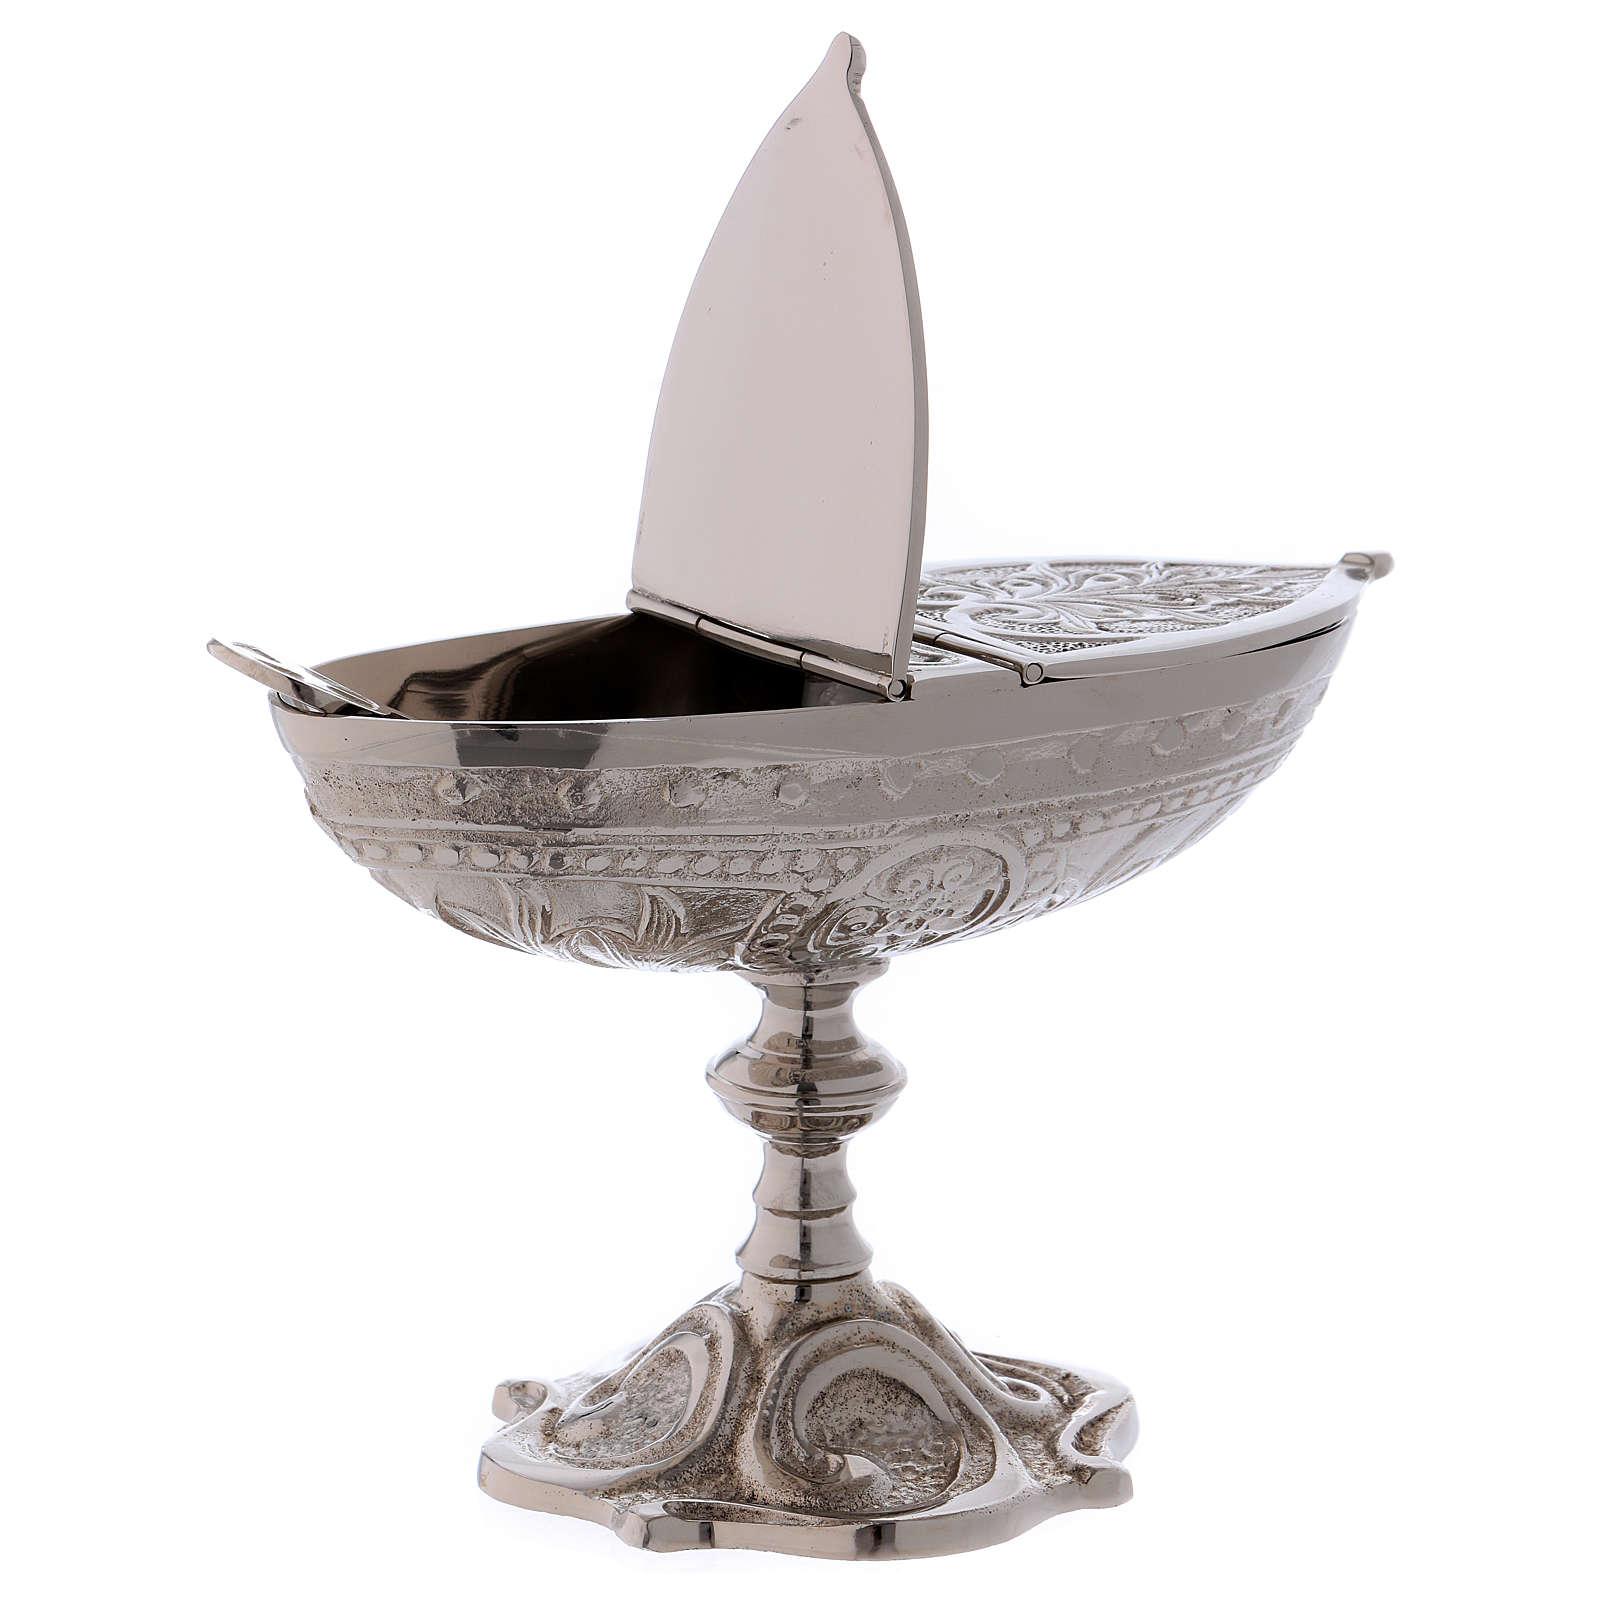 Łódka liturgiczna styl klasyczny z mosiądzu posrebrzanego 3